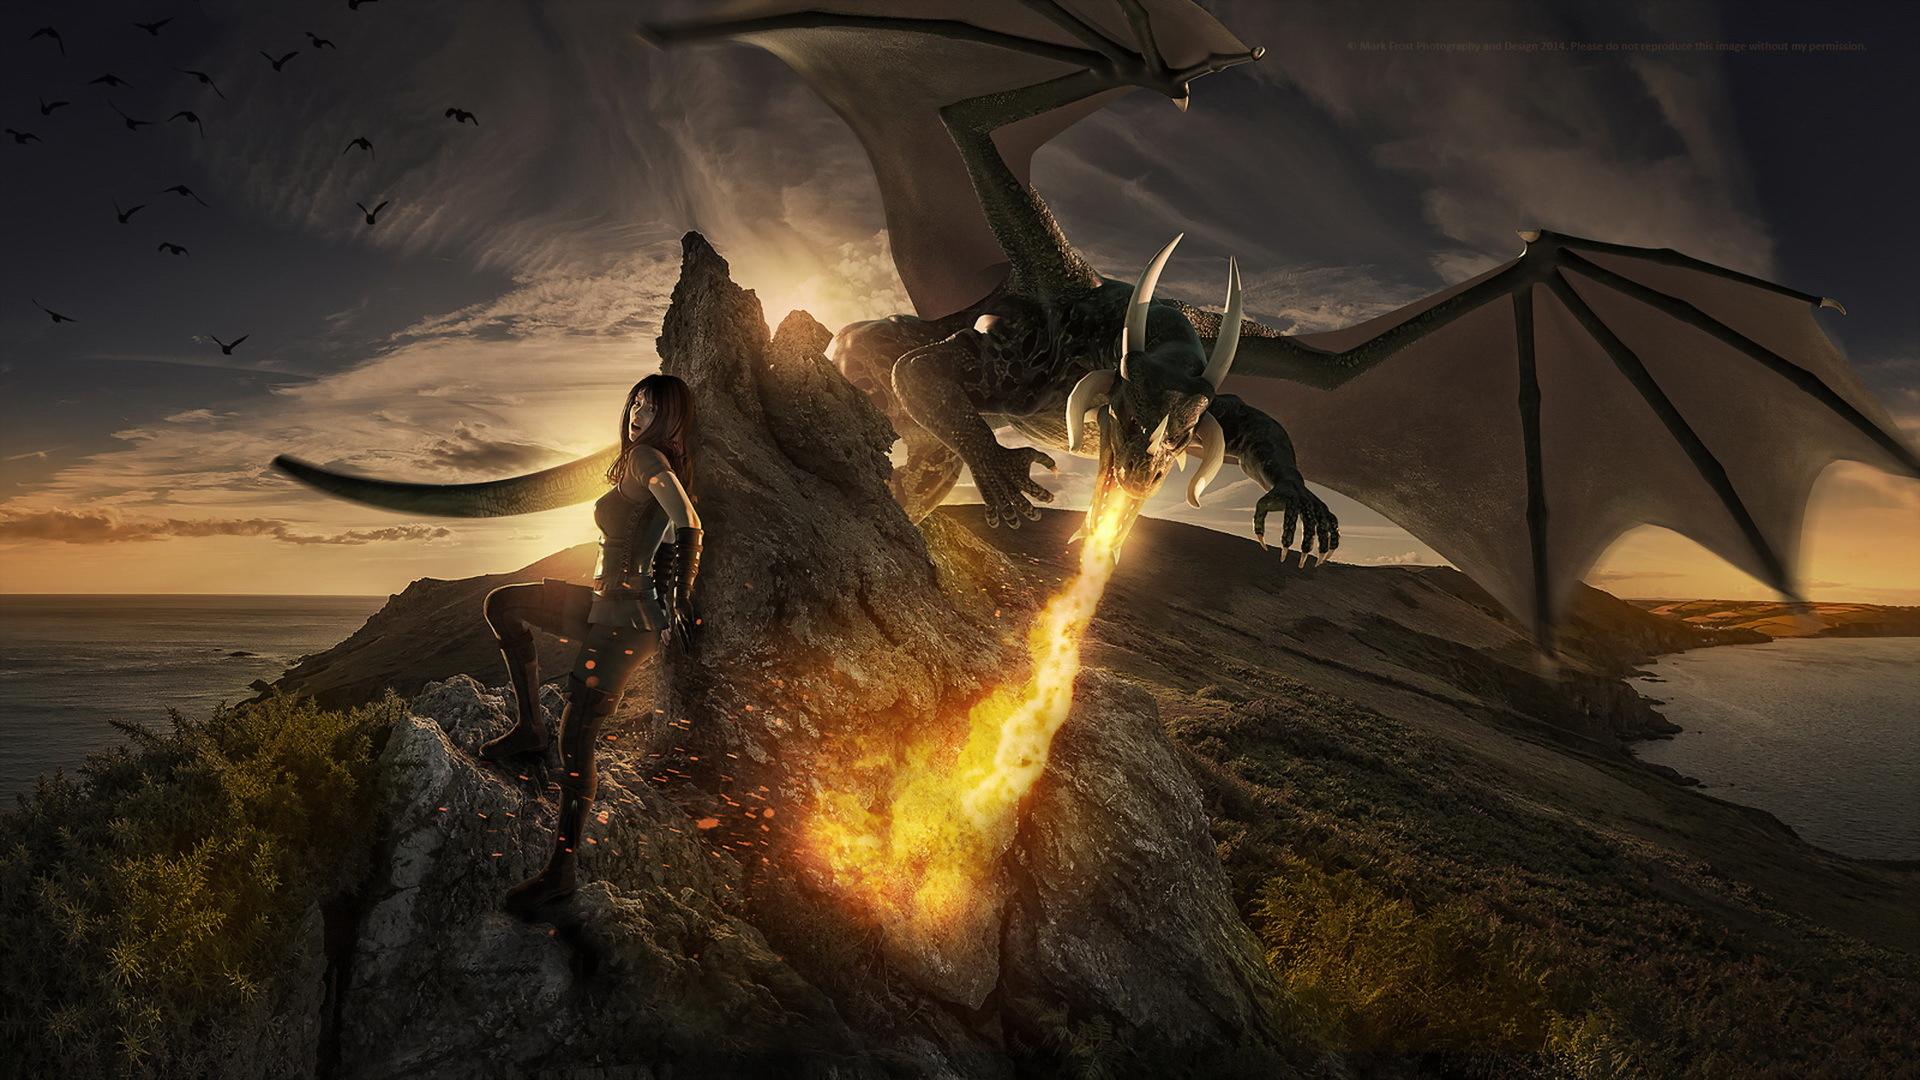 фото мир драконов бывал там единожды